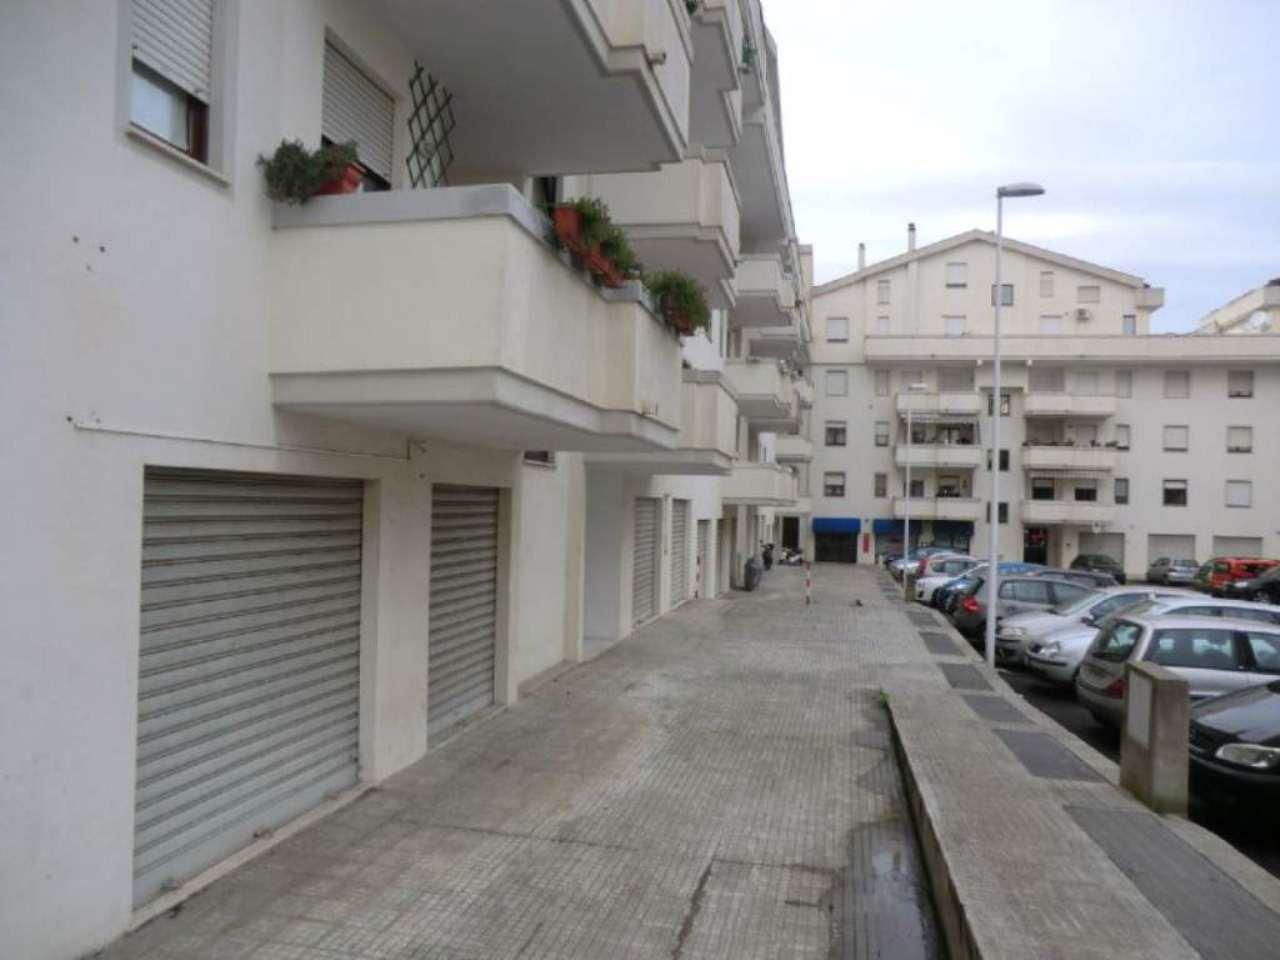 Negozio / Locale in affitto a Sassari, 2 locali, prezzo € 400 | Cambio Casa.it